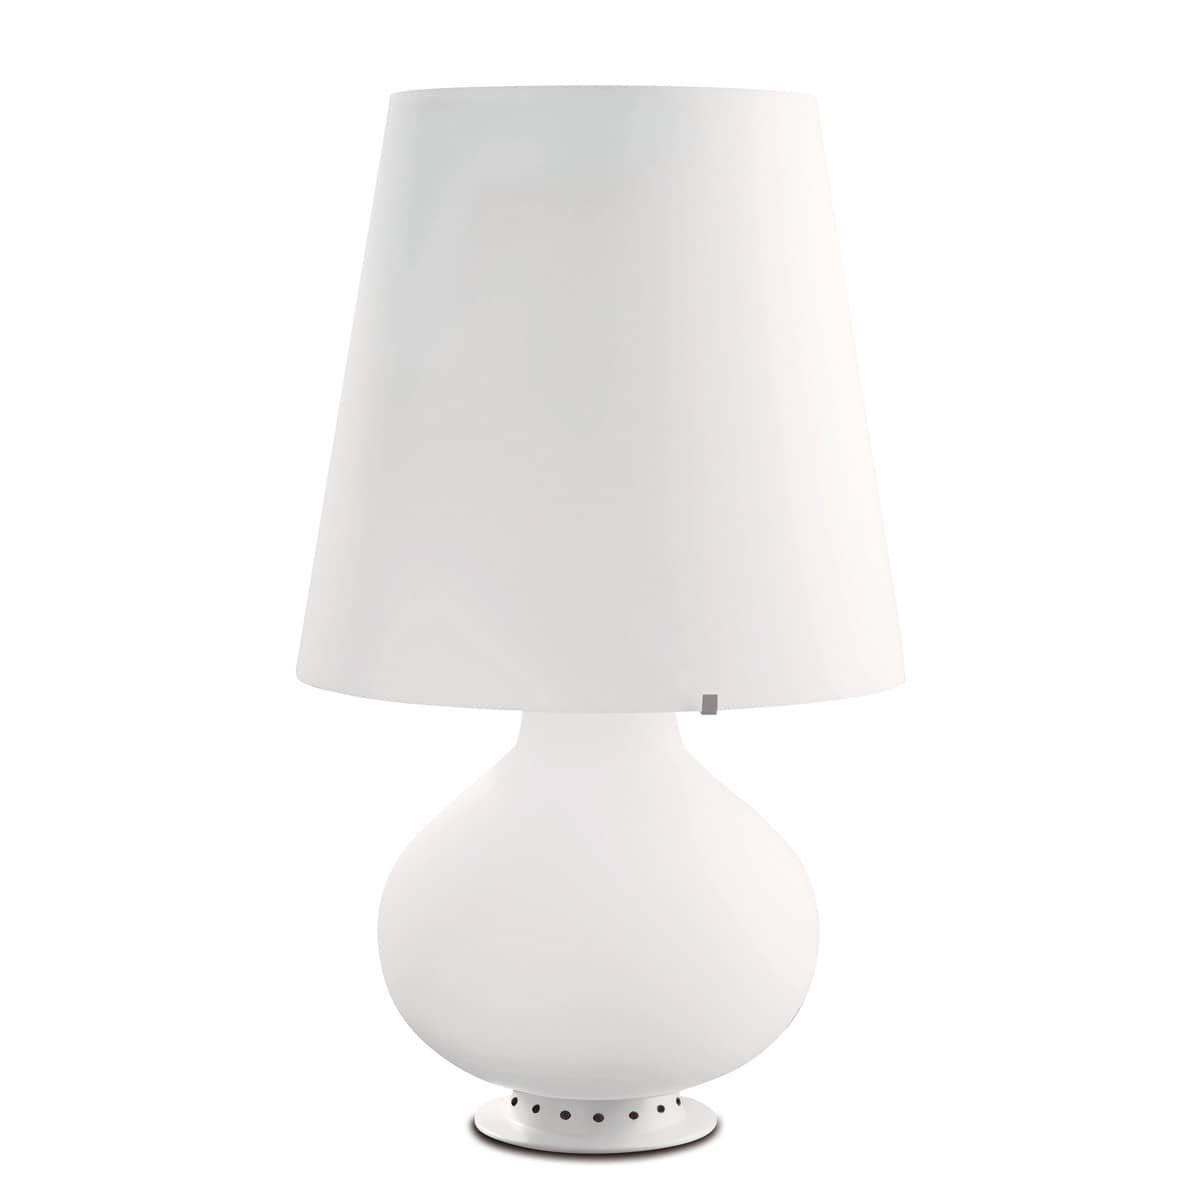 Tischleuchte Led Ring Tischlampe Landhausstil Led Lampe Mit Batterie Und Bewegungsmelder Tisch Mit Lampe Nach In 2020 Tischleuchte Lampe Mit Batterie Led Lampe